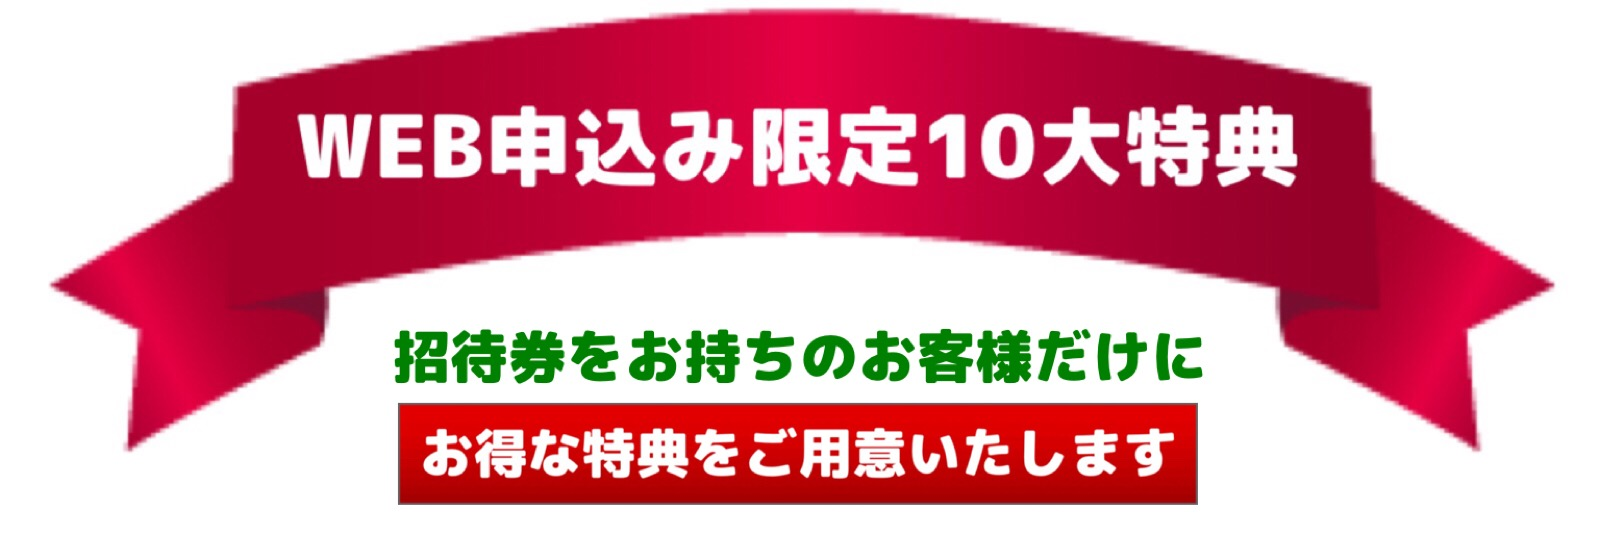 カリモク関東イベント特典